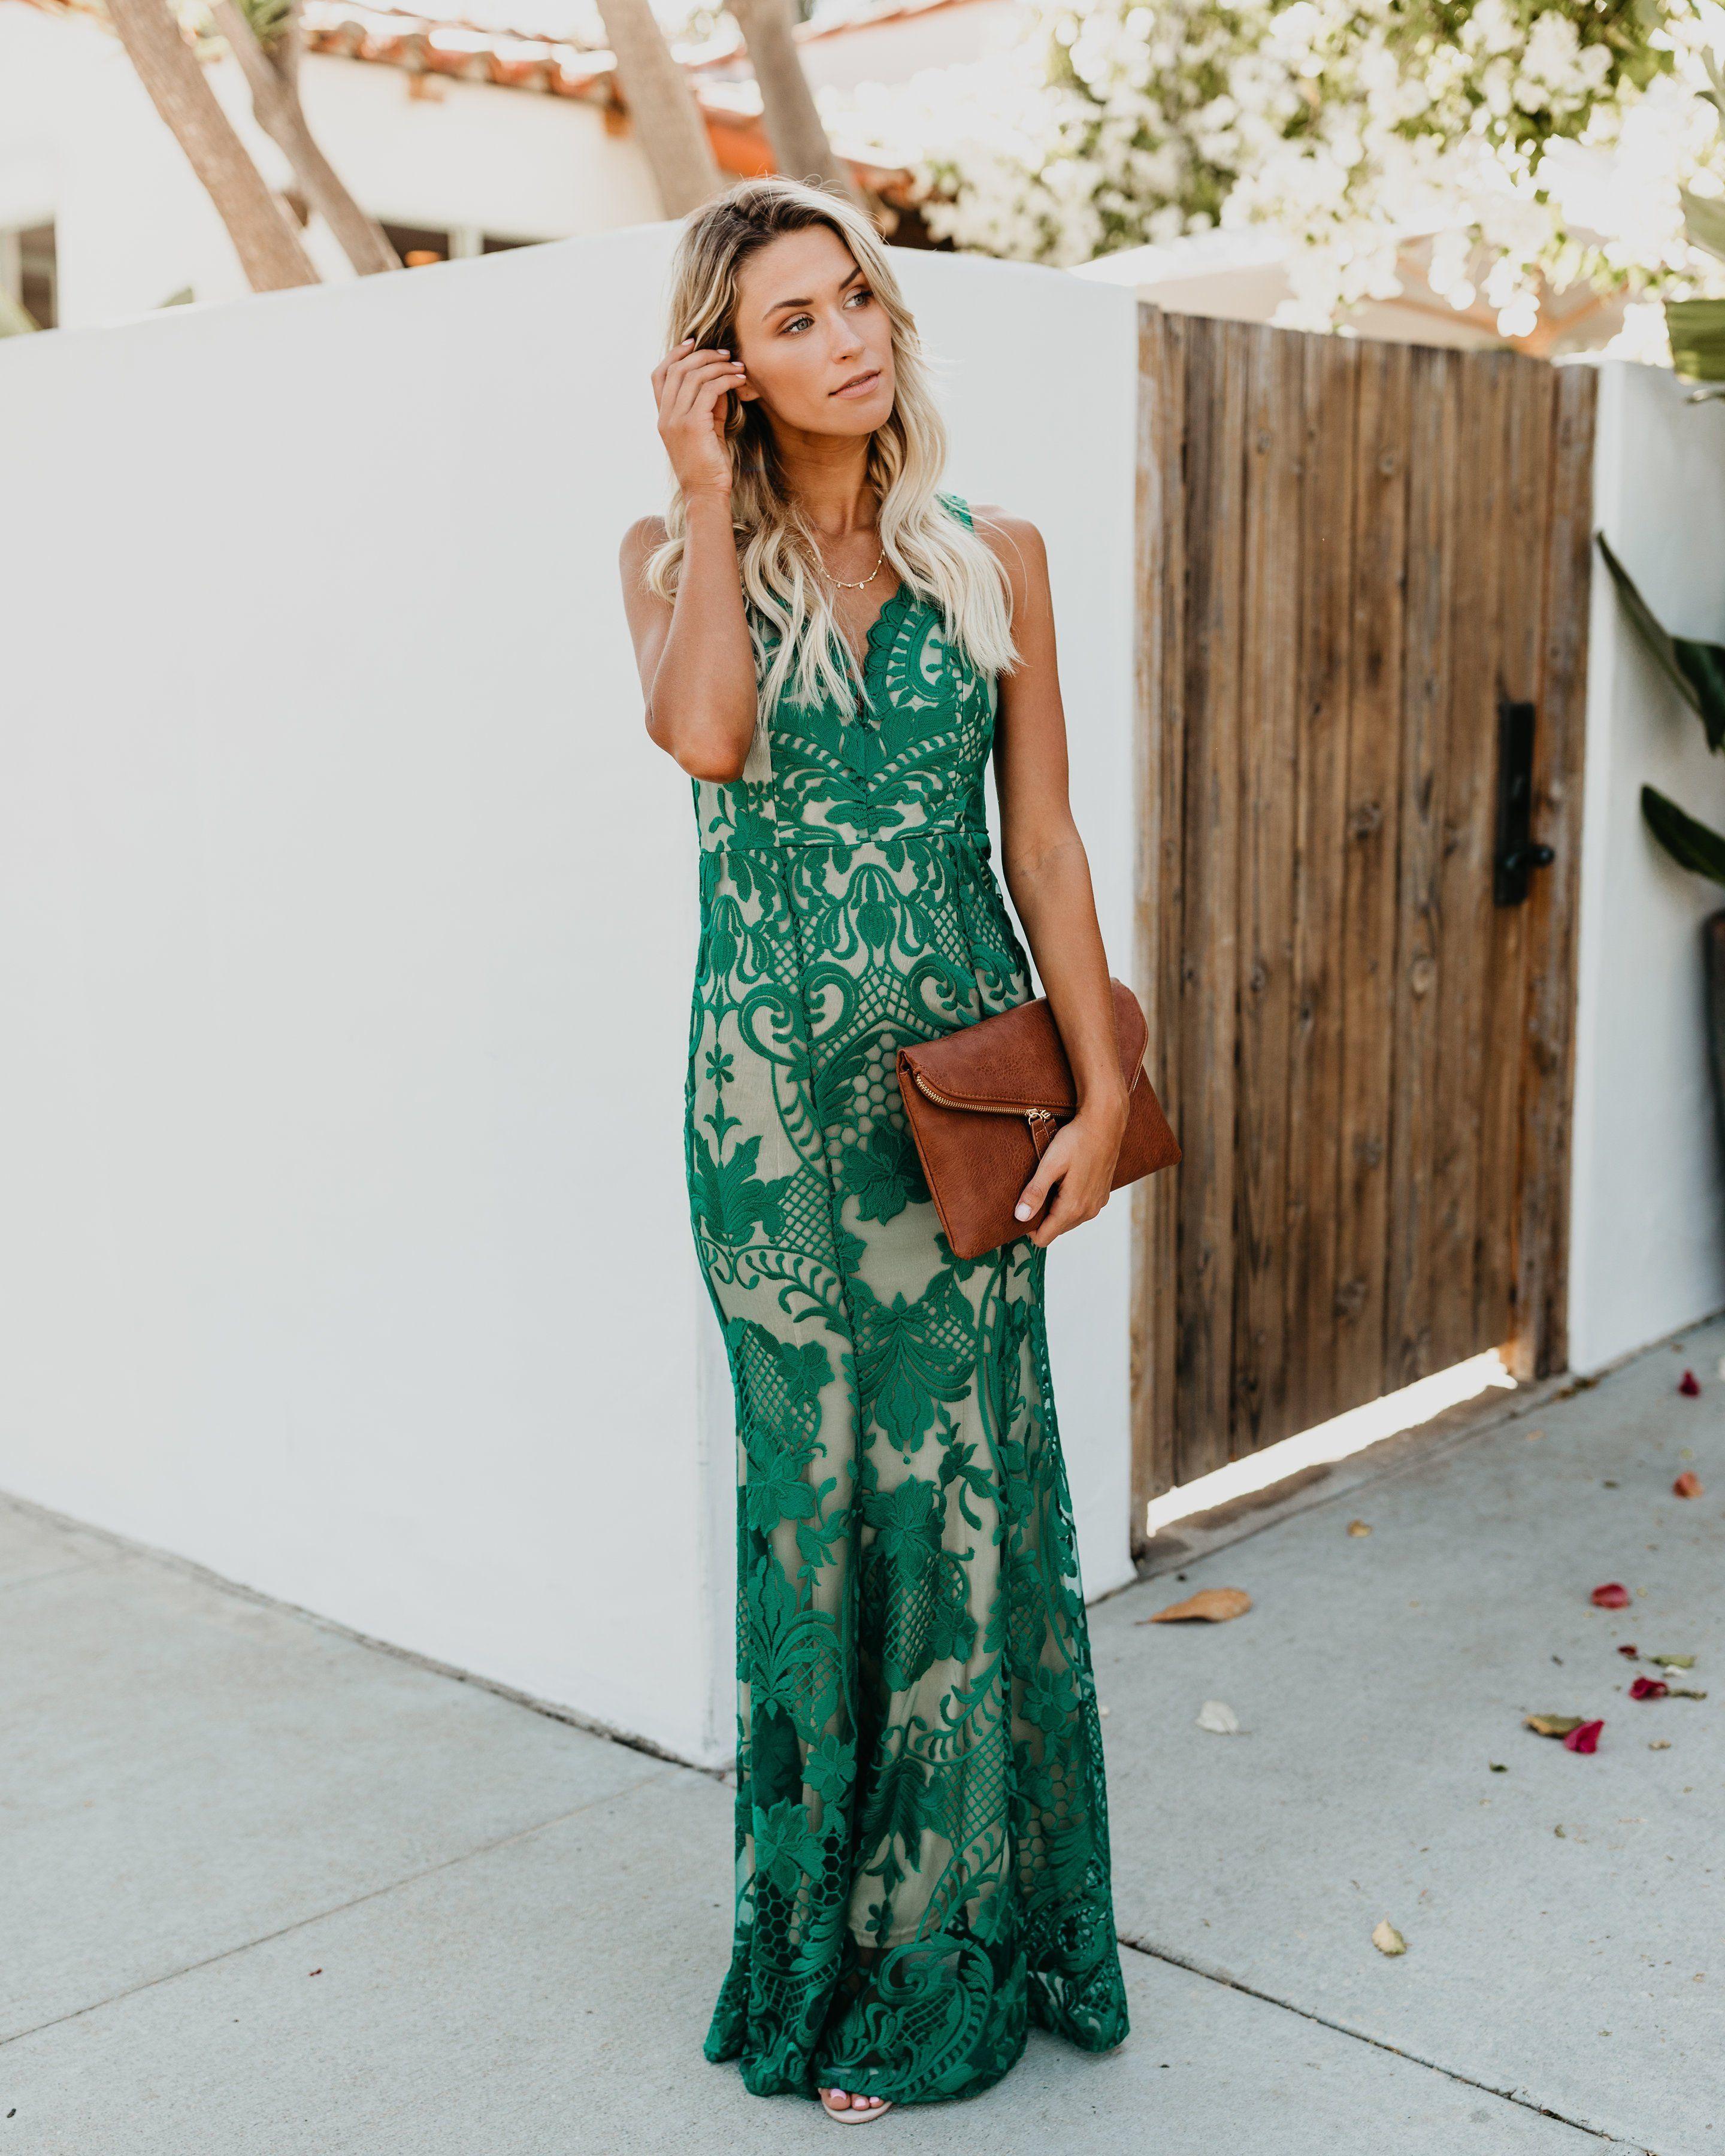 8a71d64f4642 Beauty Never Fades Lace Maxi Dress - Green